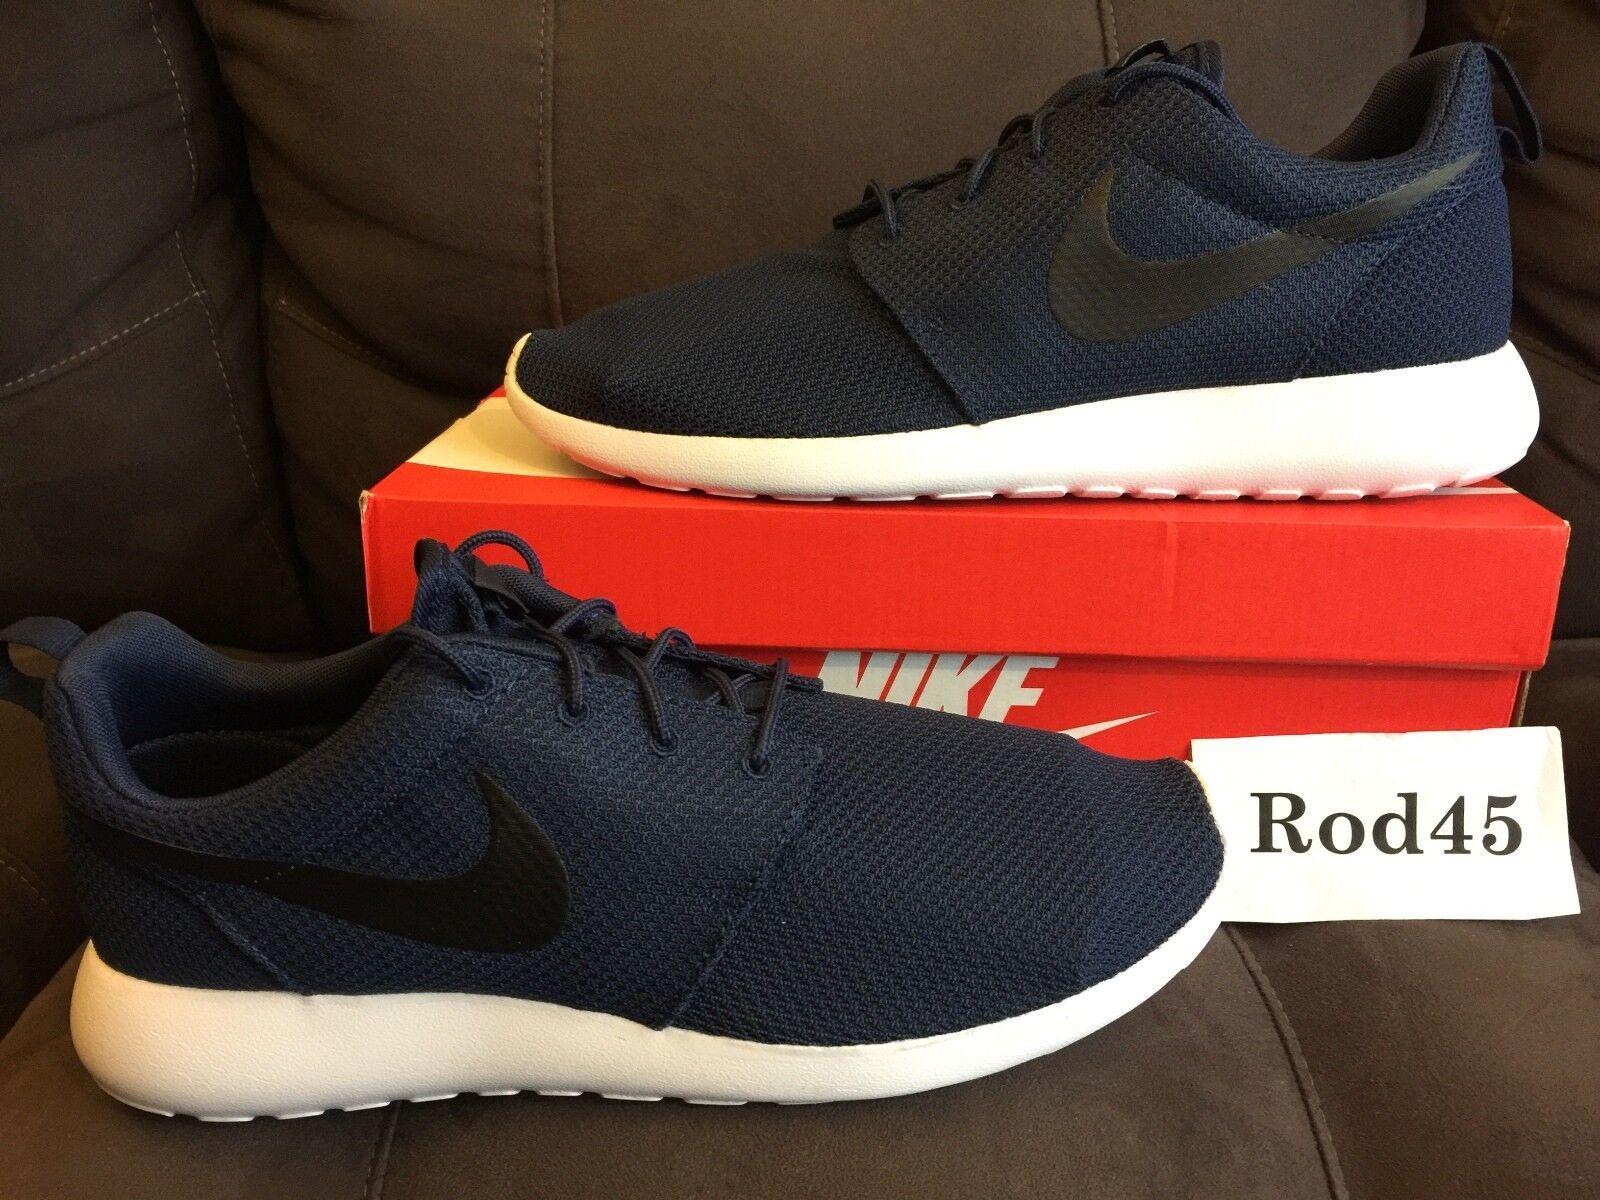 Nike Roshe One Run Rosherun Midnight Navy bluee White 12 running